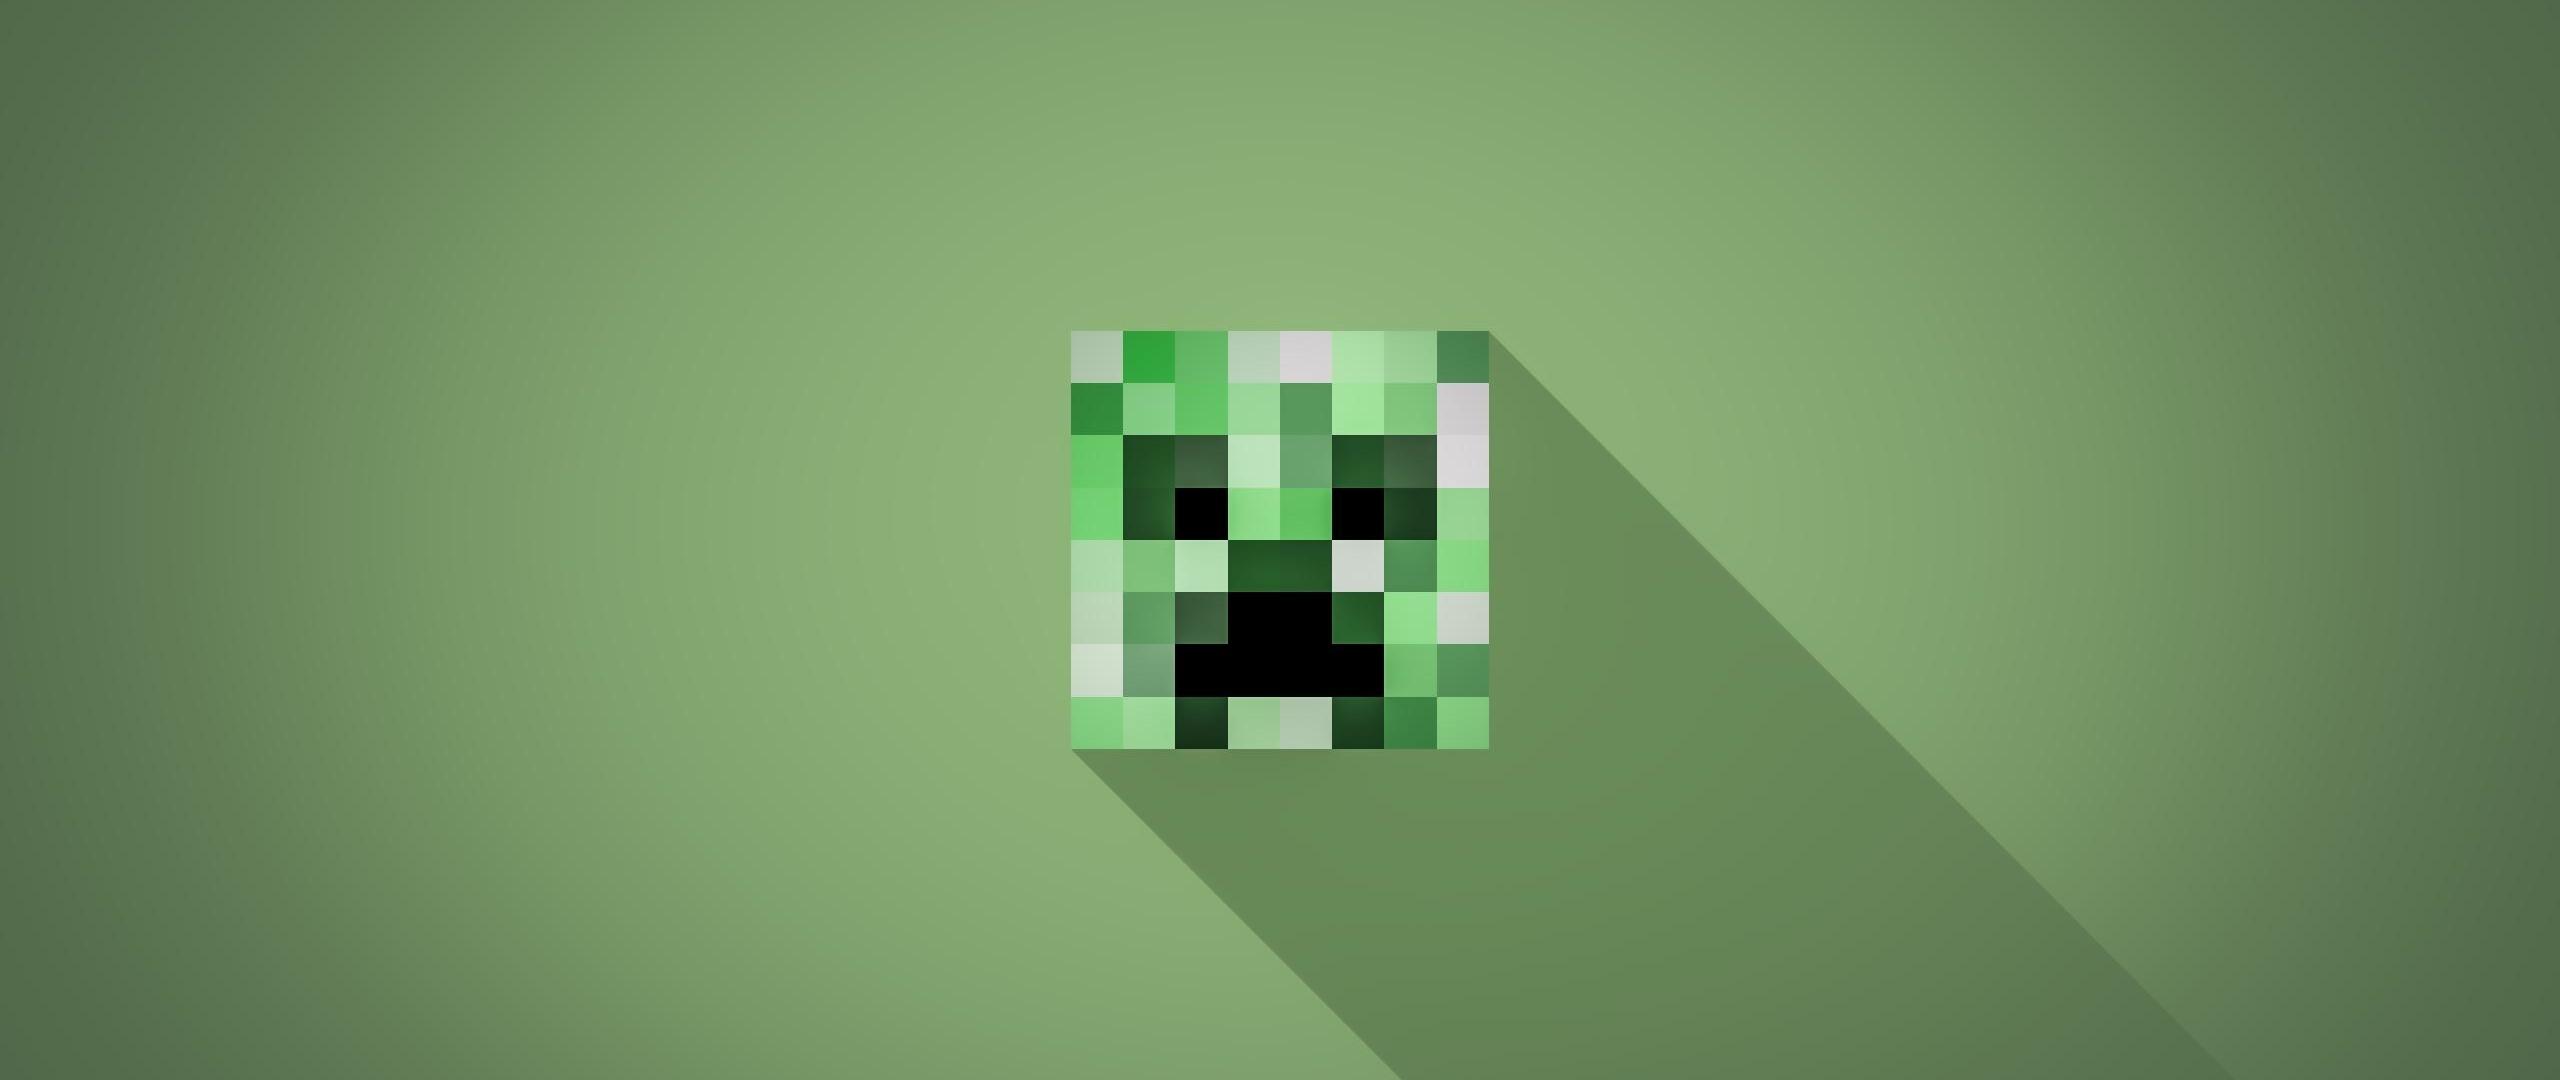 2560x1080 Minecraft Minimalist Creeper